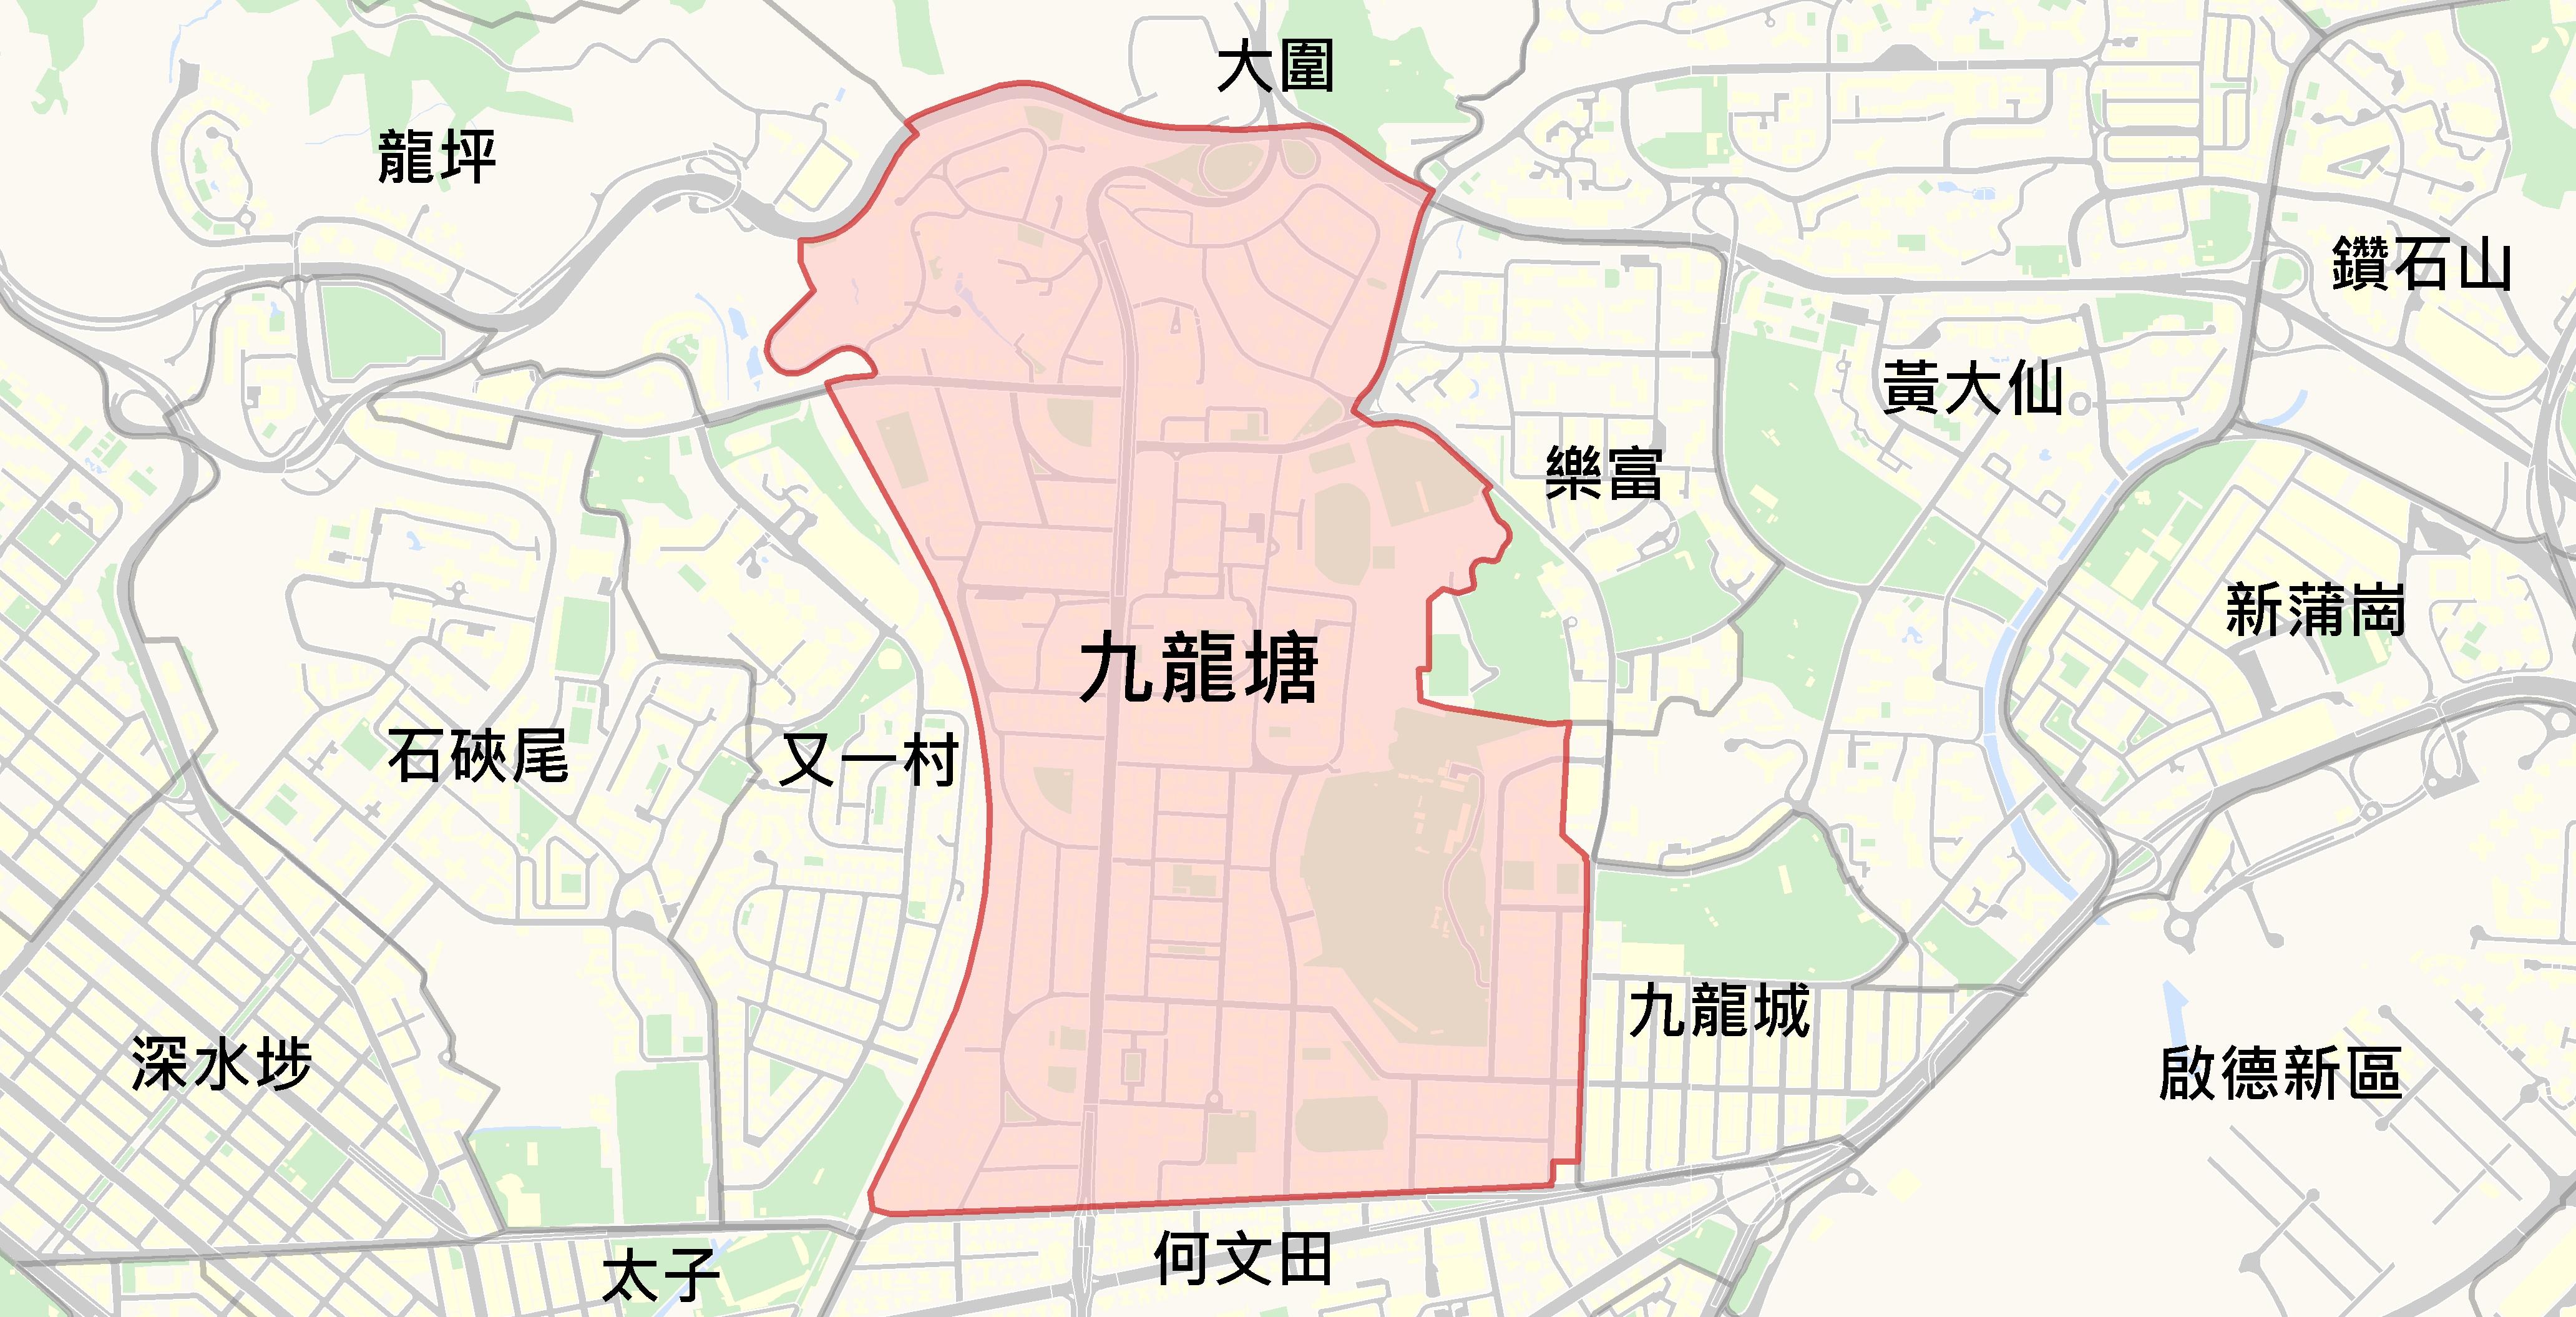 九龍塘@中原樓市片區